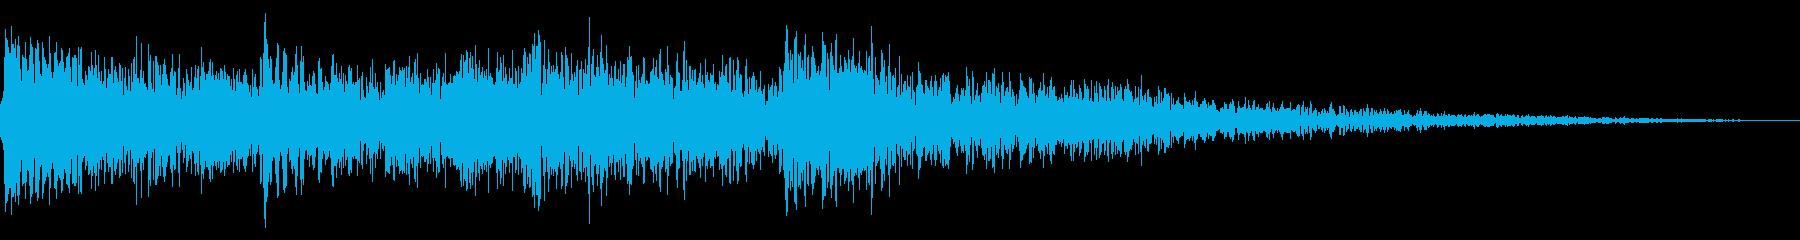 ハープの場面転換 CMイン サウンドロゴの再生済みの波形